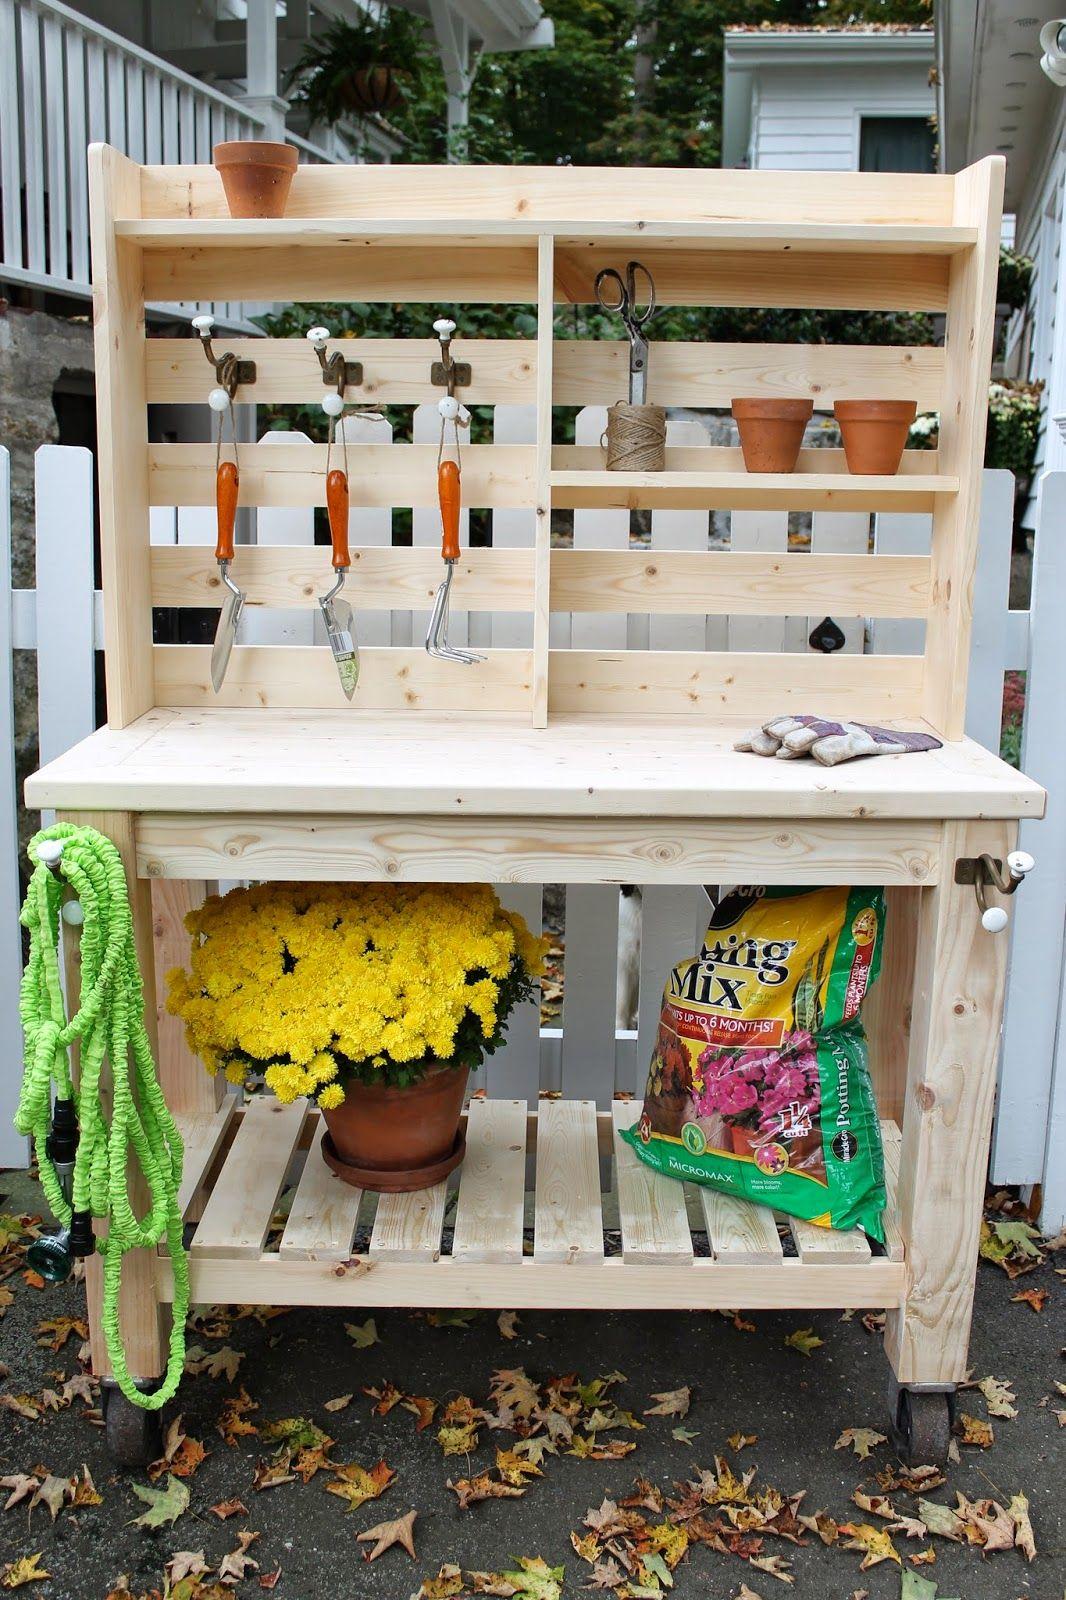 Ma Look What I Made Bancs De Jardin Palettes Outils De Jardin Idee Deco Exterieur